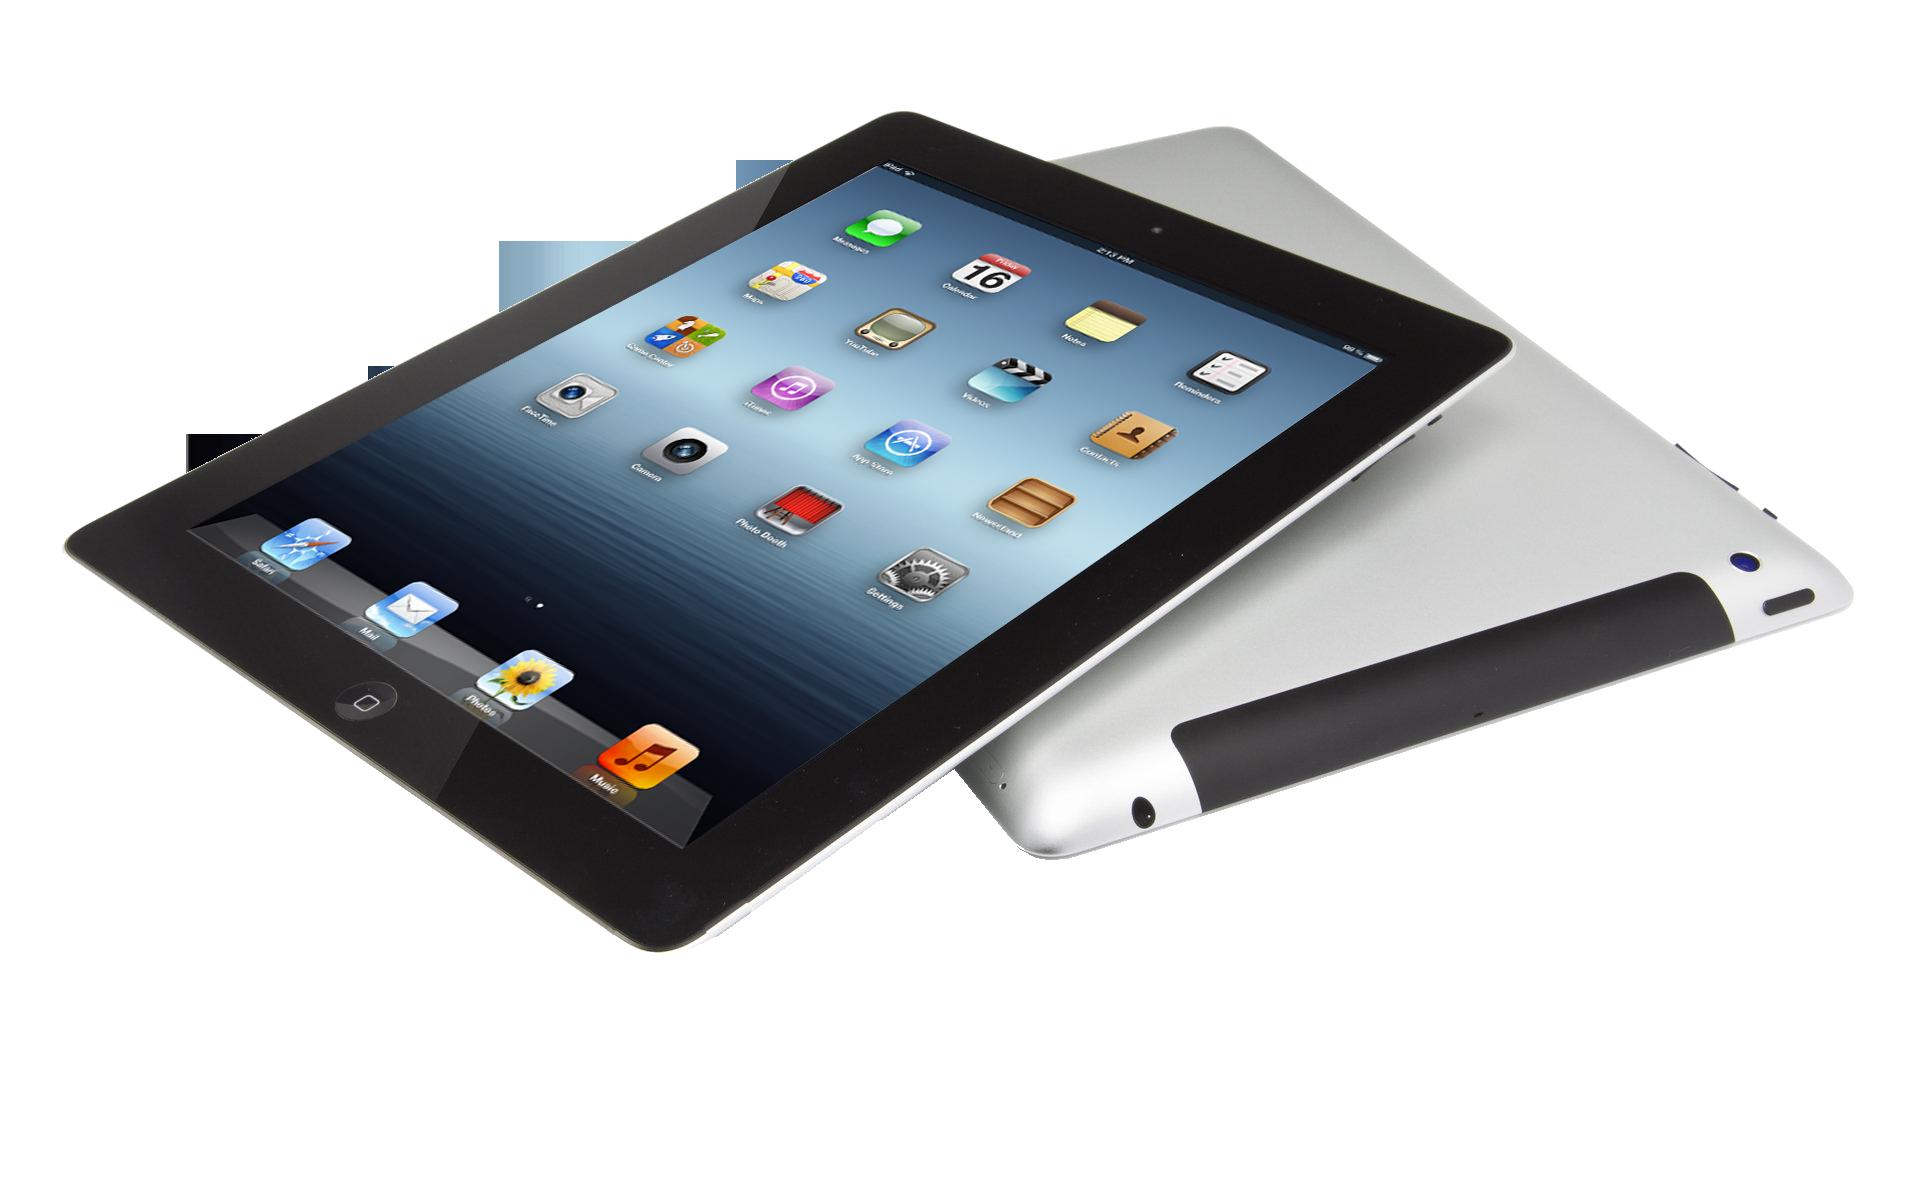 Apple Tablet Png Image Tablet Ipad Free Ipad